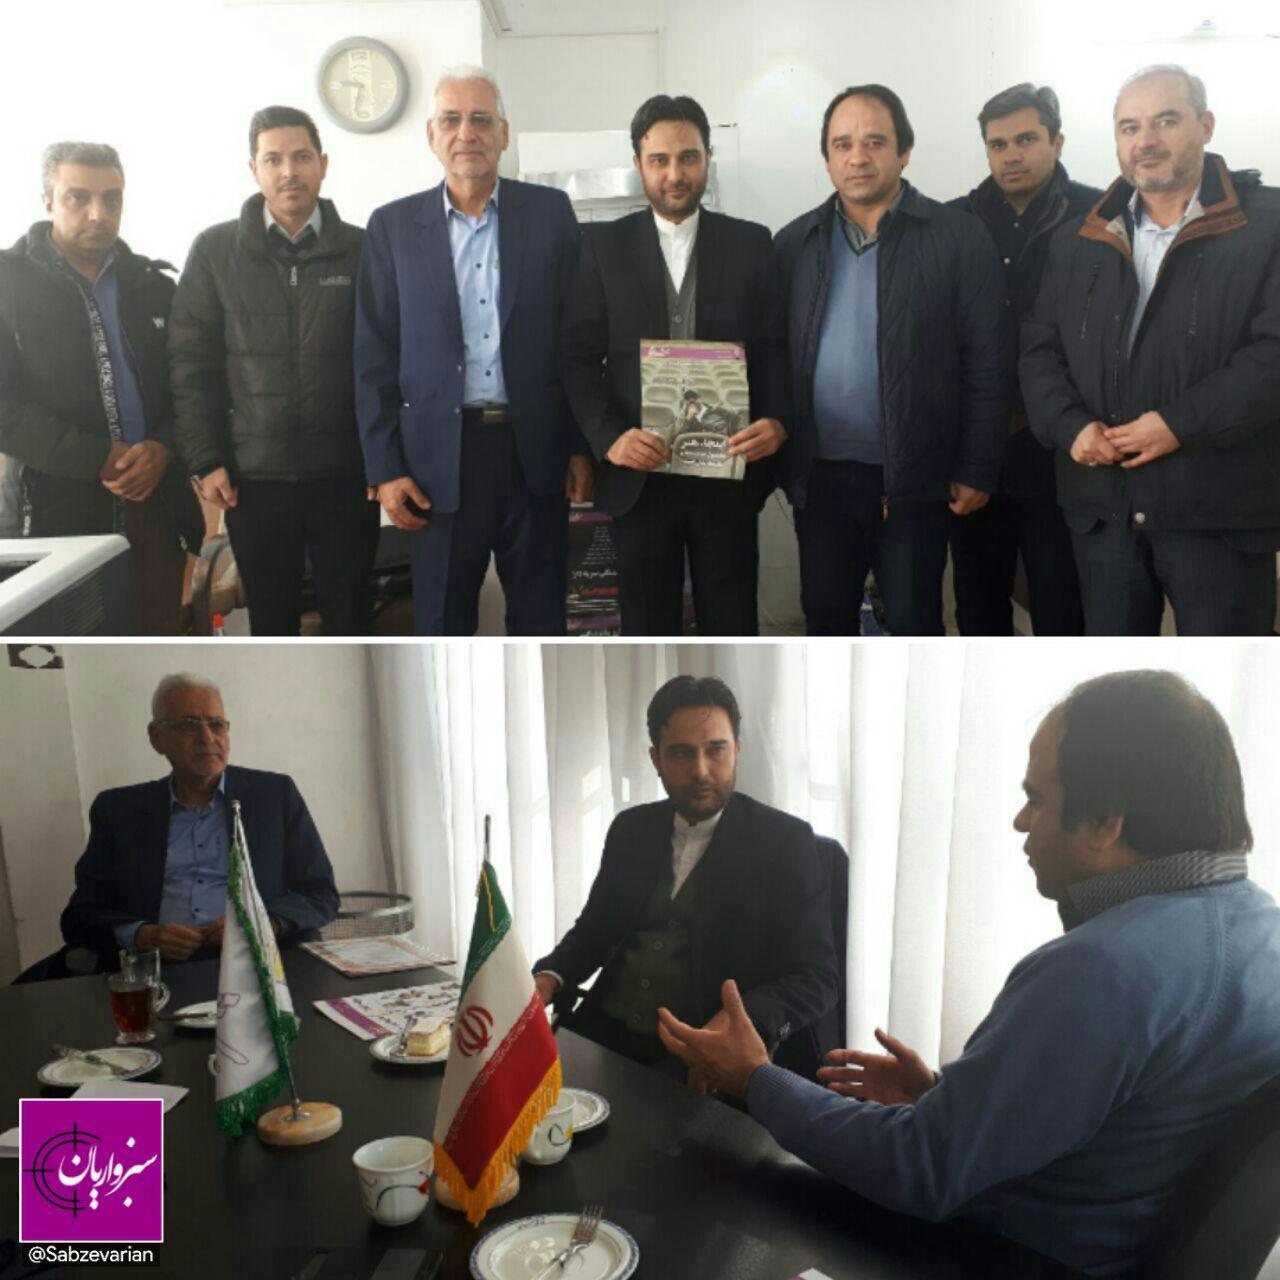 رئیس بسیج رسانه استان از دفتر ماهنامه ستاره شرق و پایگاه خبری سبزواریان بازدید کرد